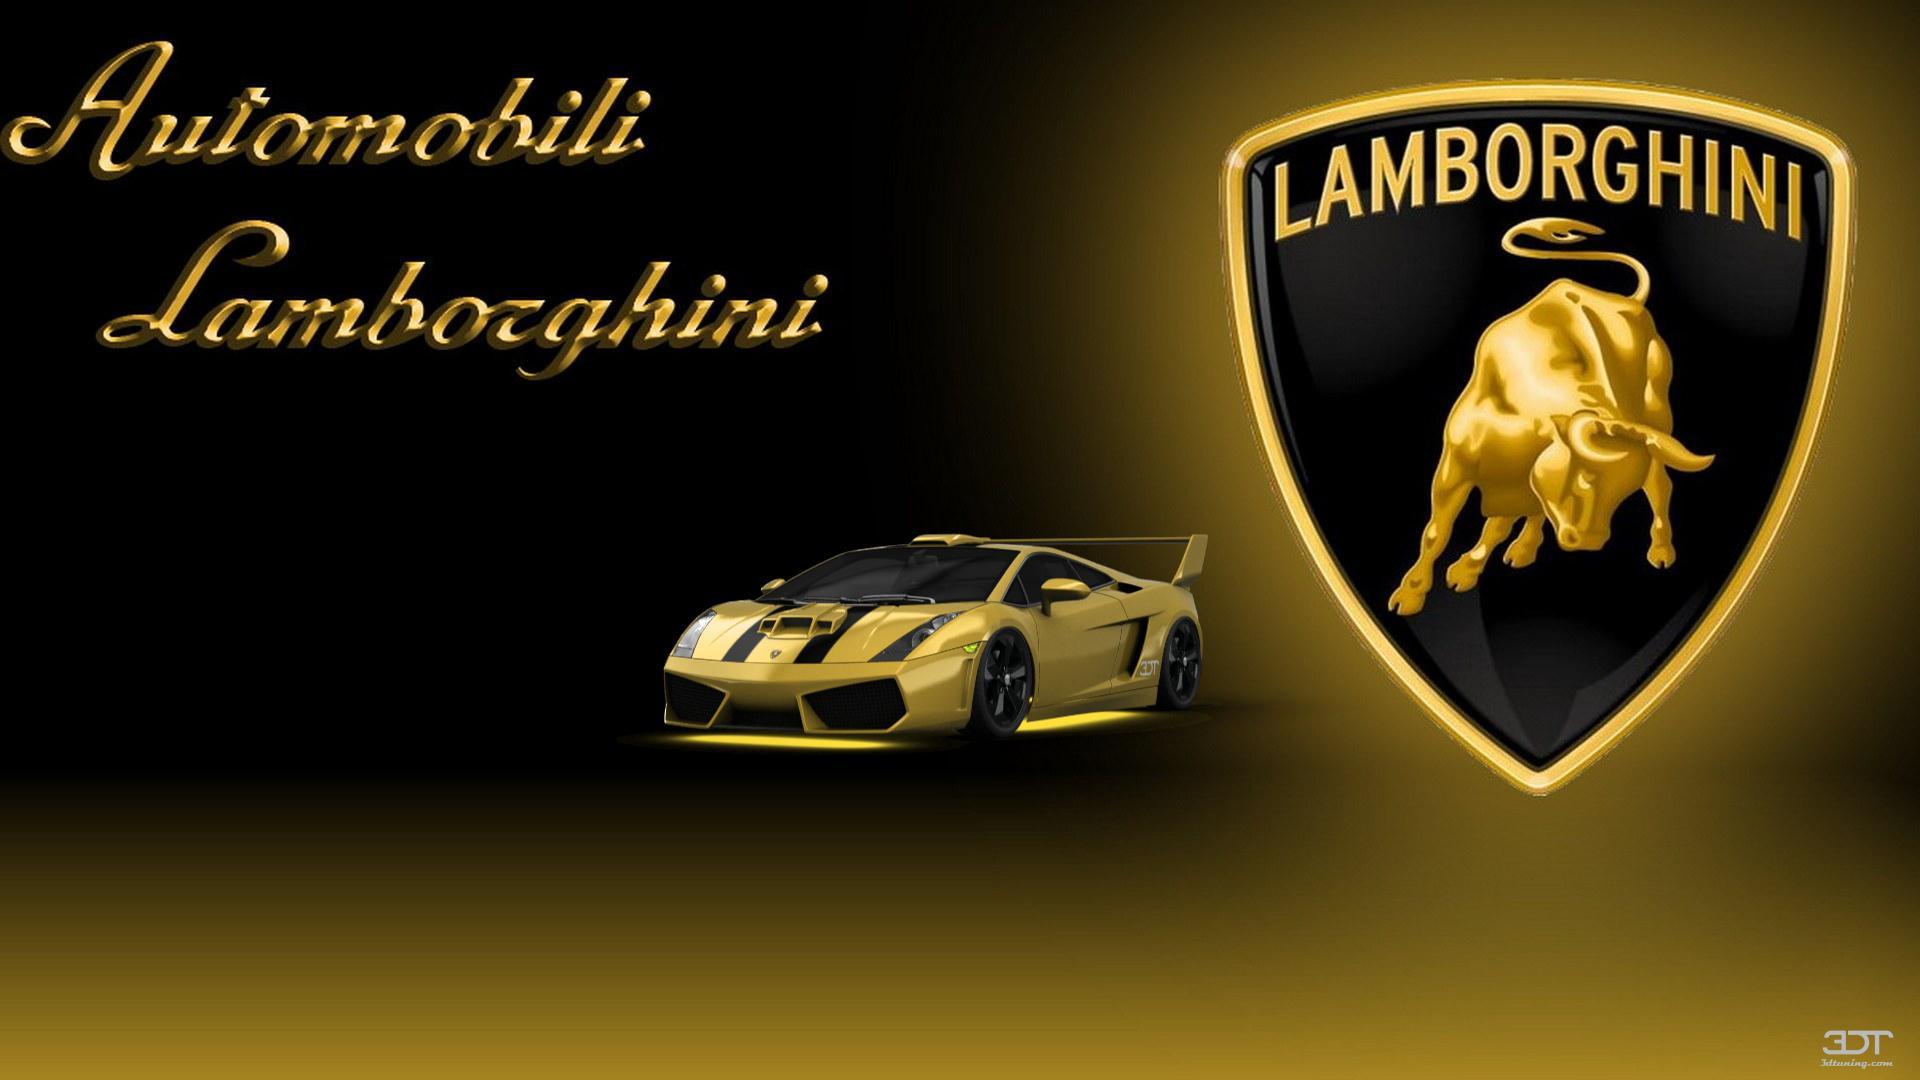 vTqlbS8R8R Breathtaking Lamborghini Countach Owners Manual Pdf Cars Trend